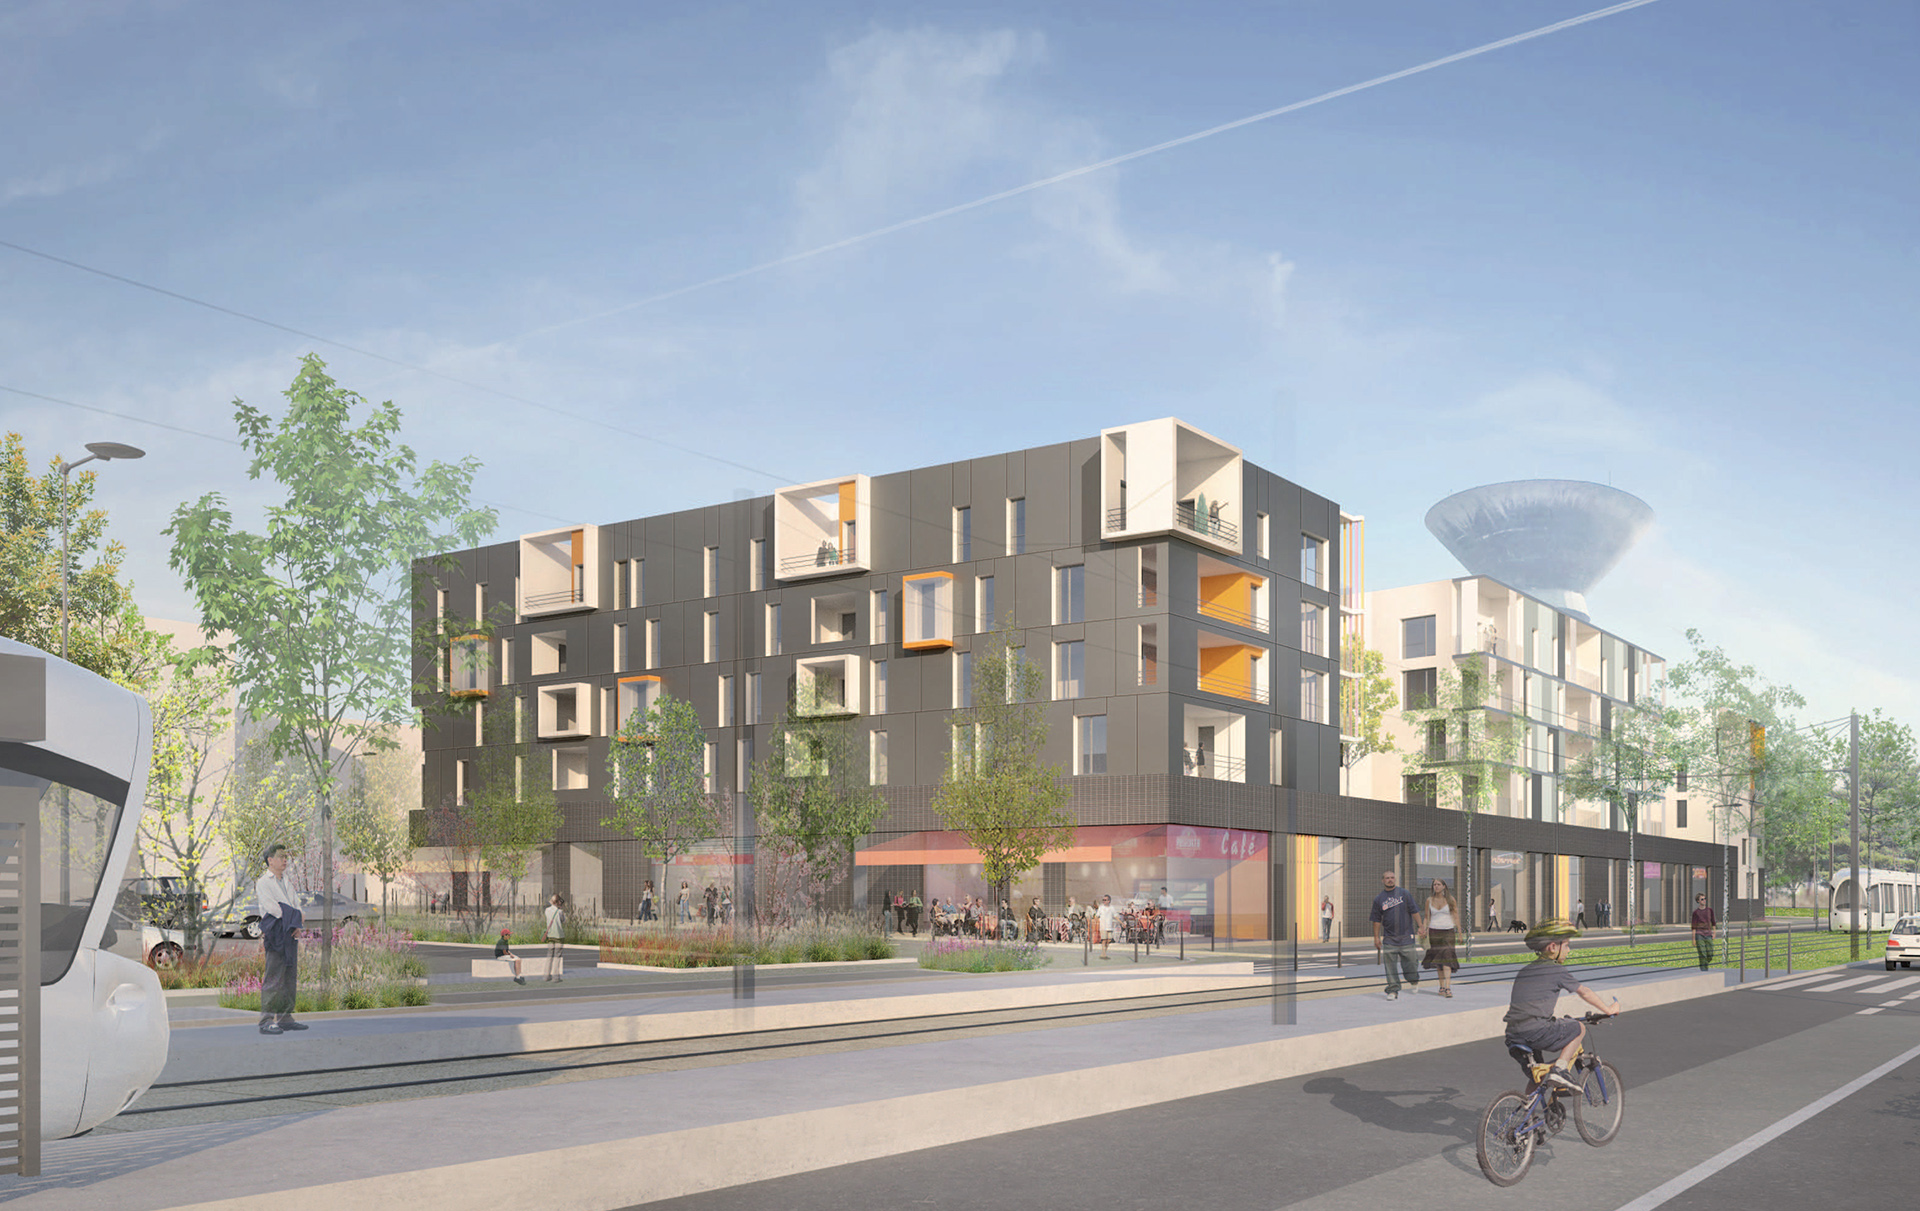 Venissy - Ilot B (Atelier Régis Gachon Architecte)